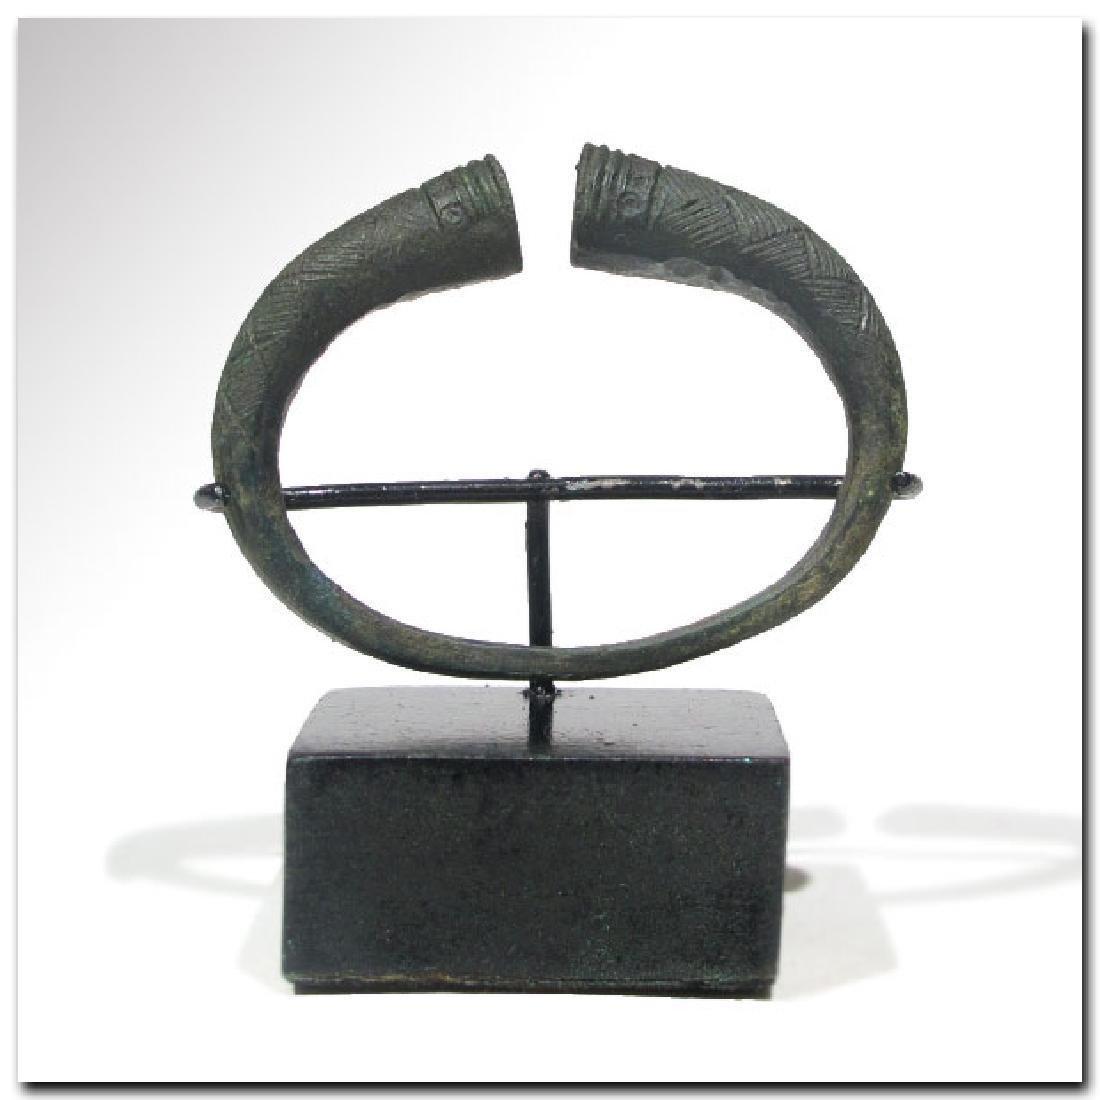 Viking Bronze Bracelet, c. 10th Century A.D.